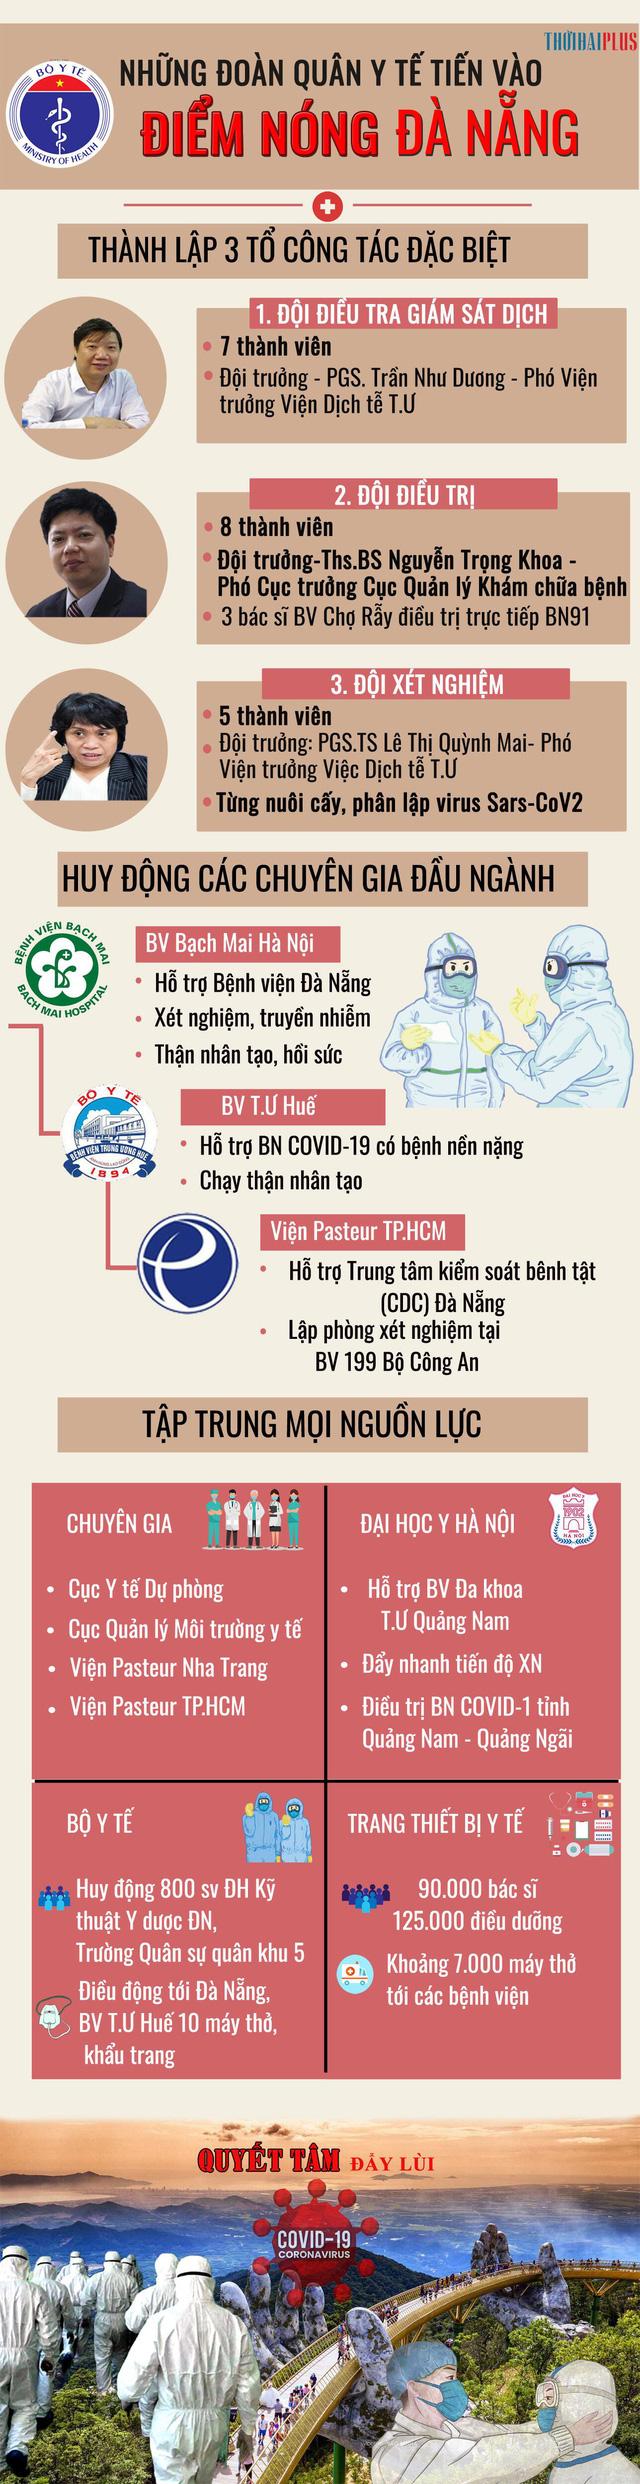 Thứ trưởng Bộ Y tế Nguyễn Trường Sơn cùng Bộ chỉ huy tiền phương lên đường vào Đà Nẵng - Ảnh 6.